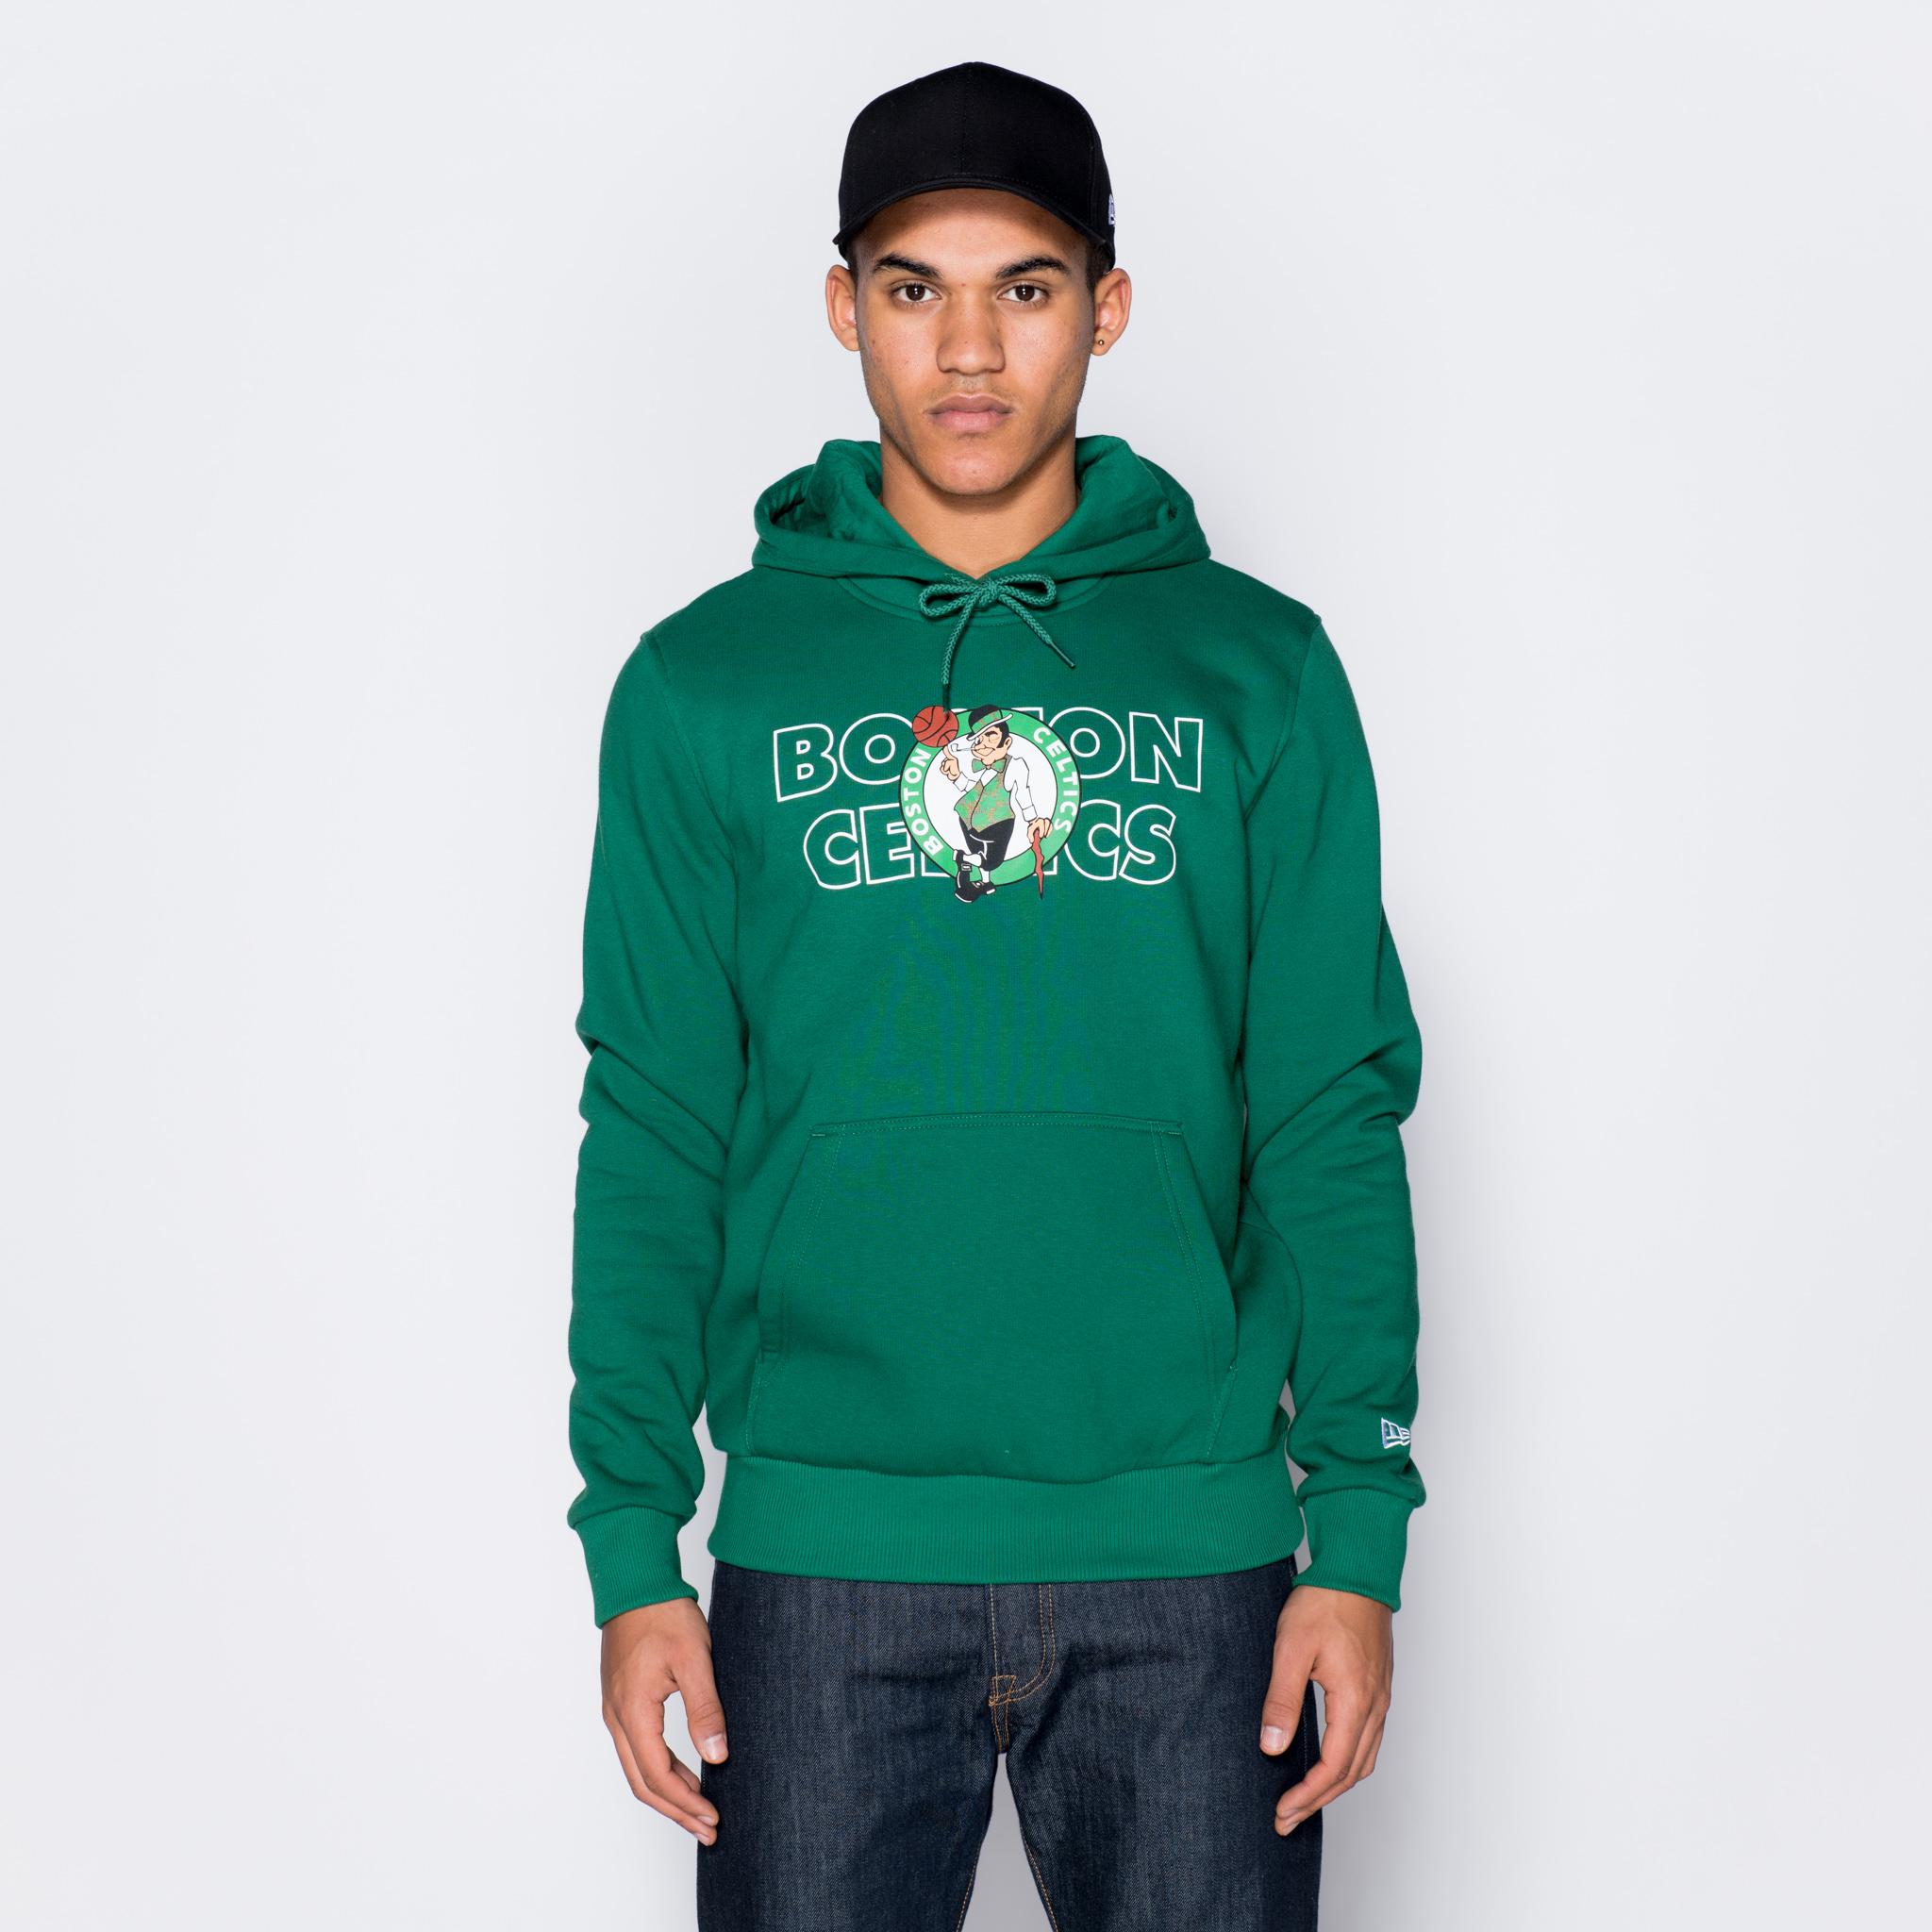 Sweat à capuche vert avec logo des Boston Celtics